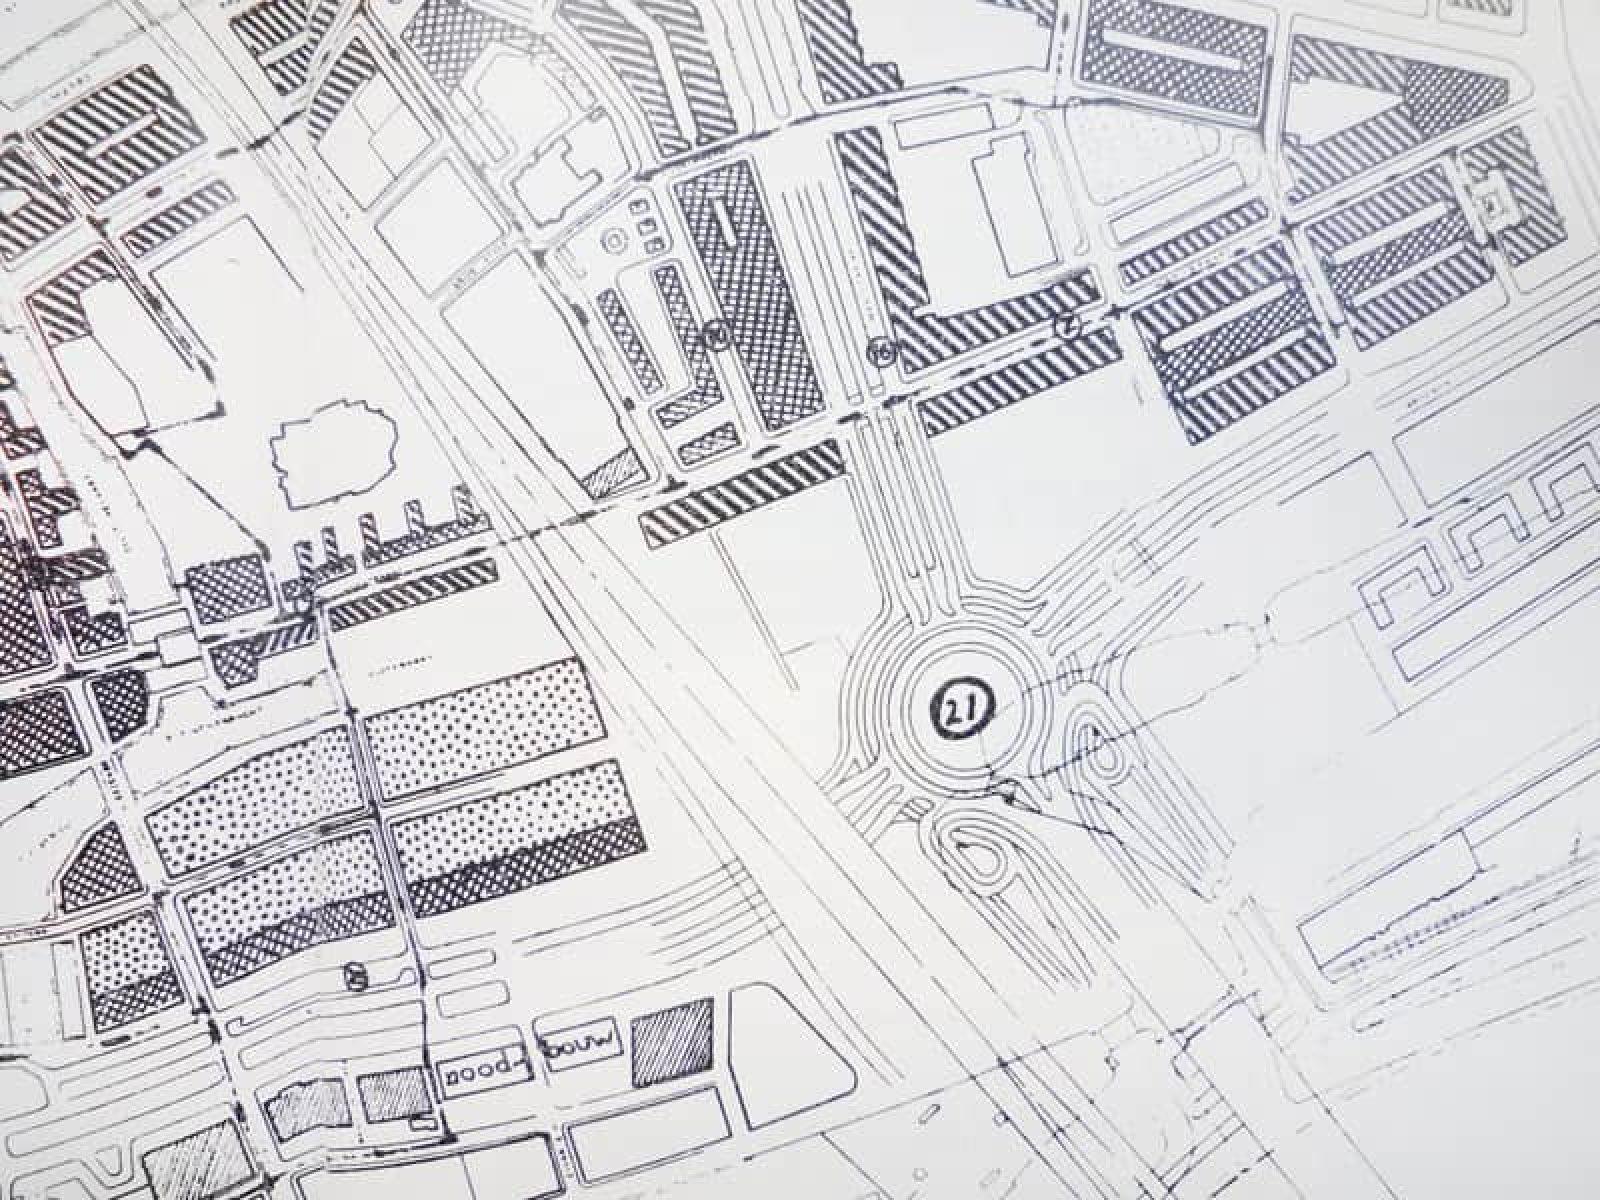 Onbekend Verkeersplein Plattegrond1